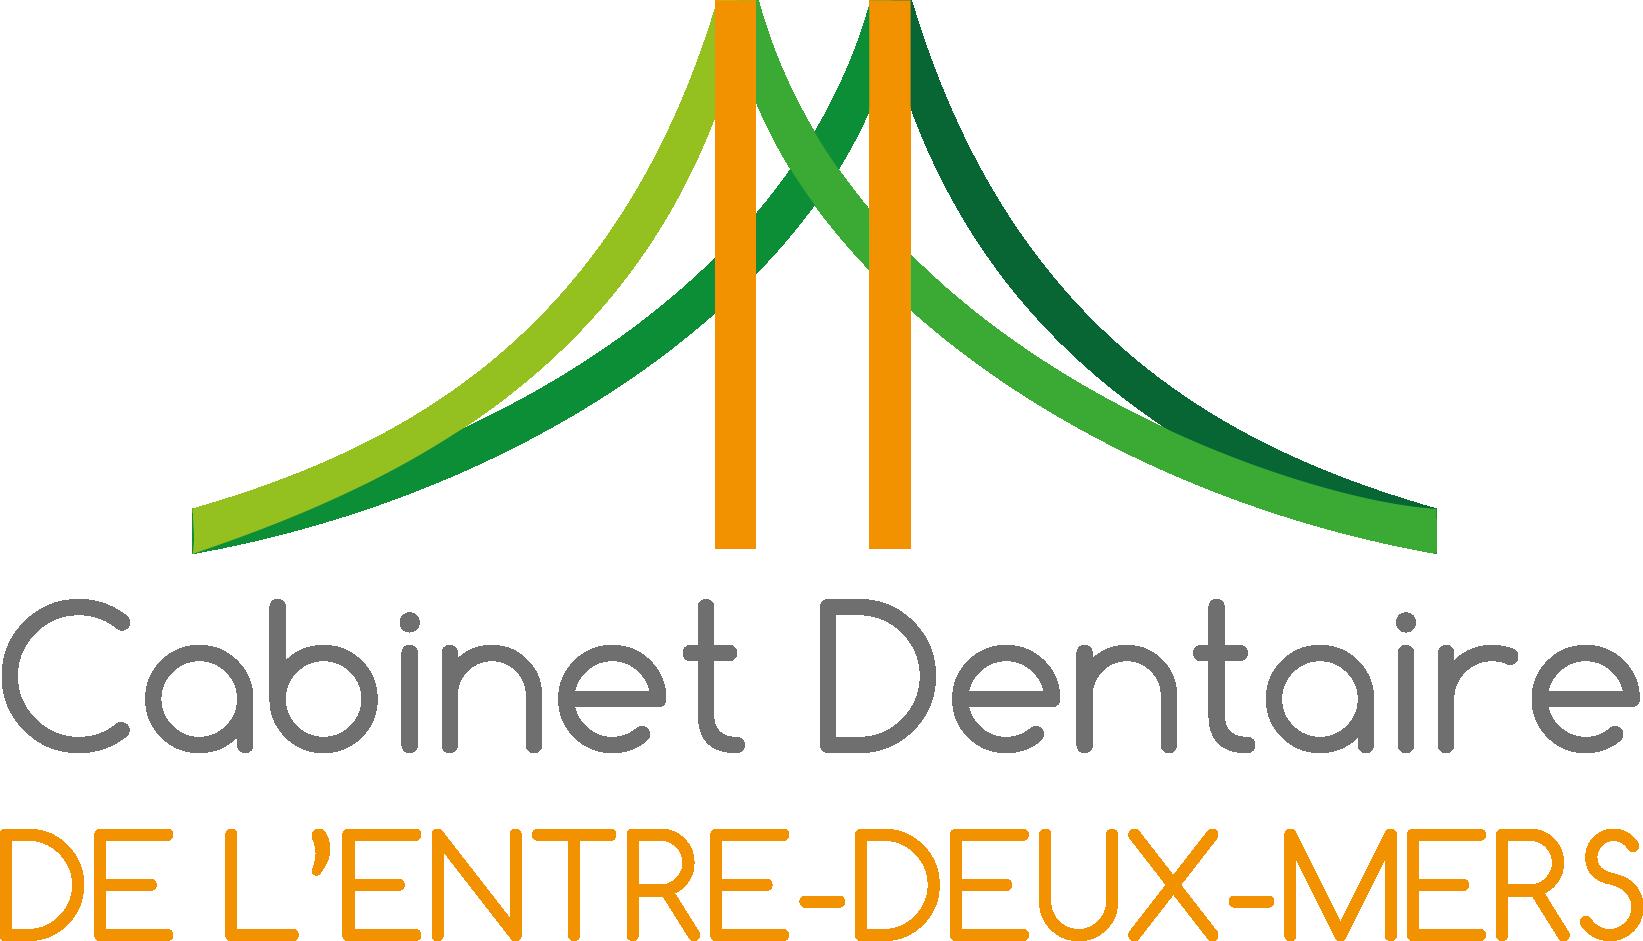 Cabinet dentaire de l'Entre Deux Mers